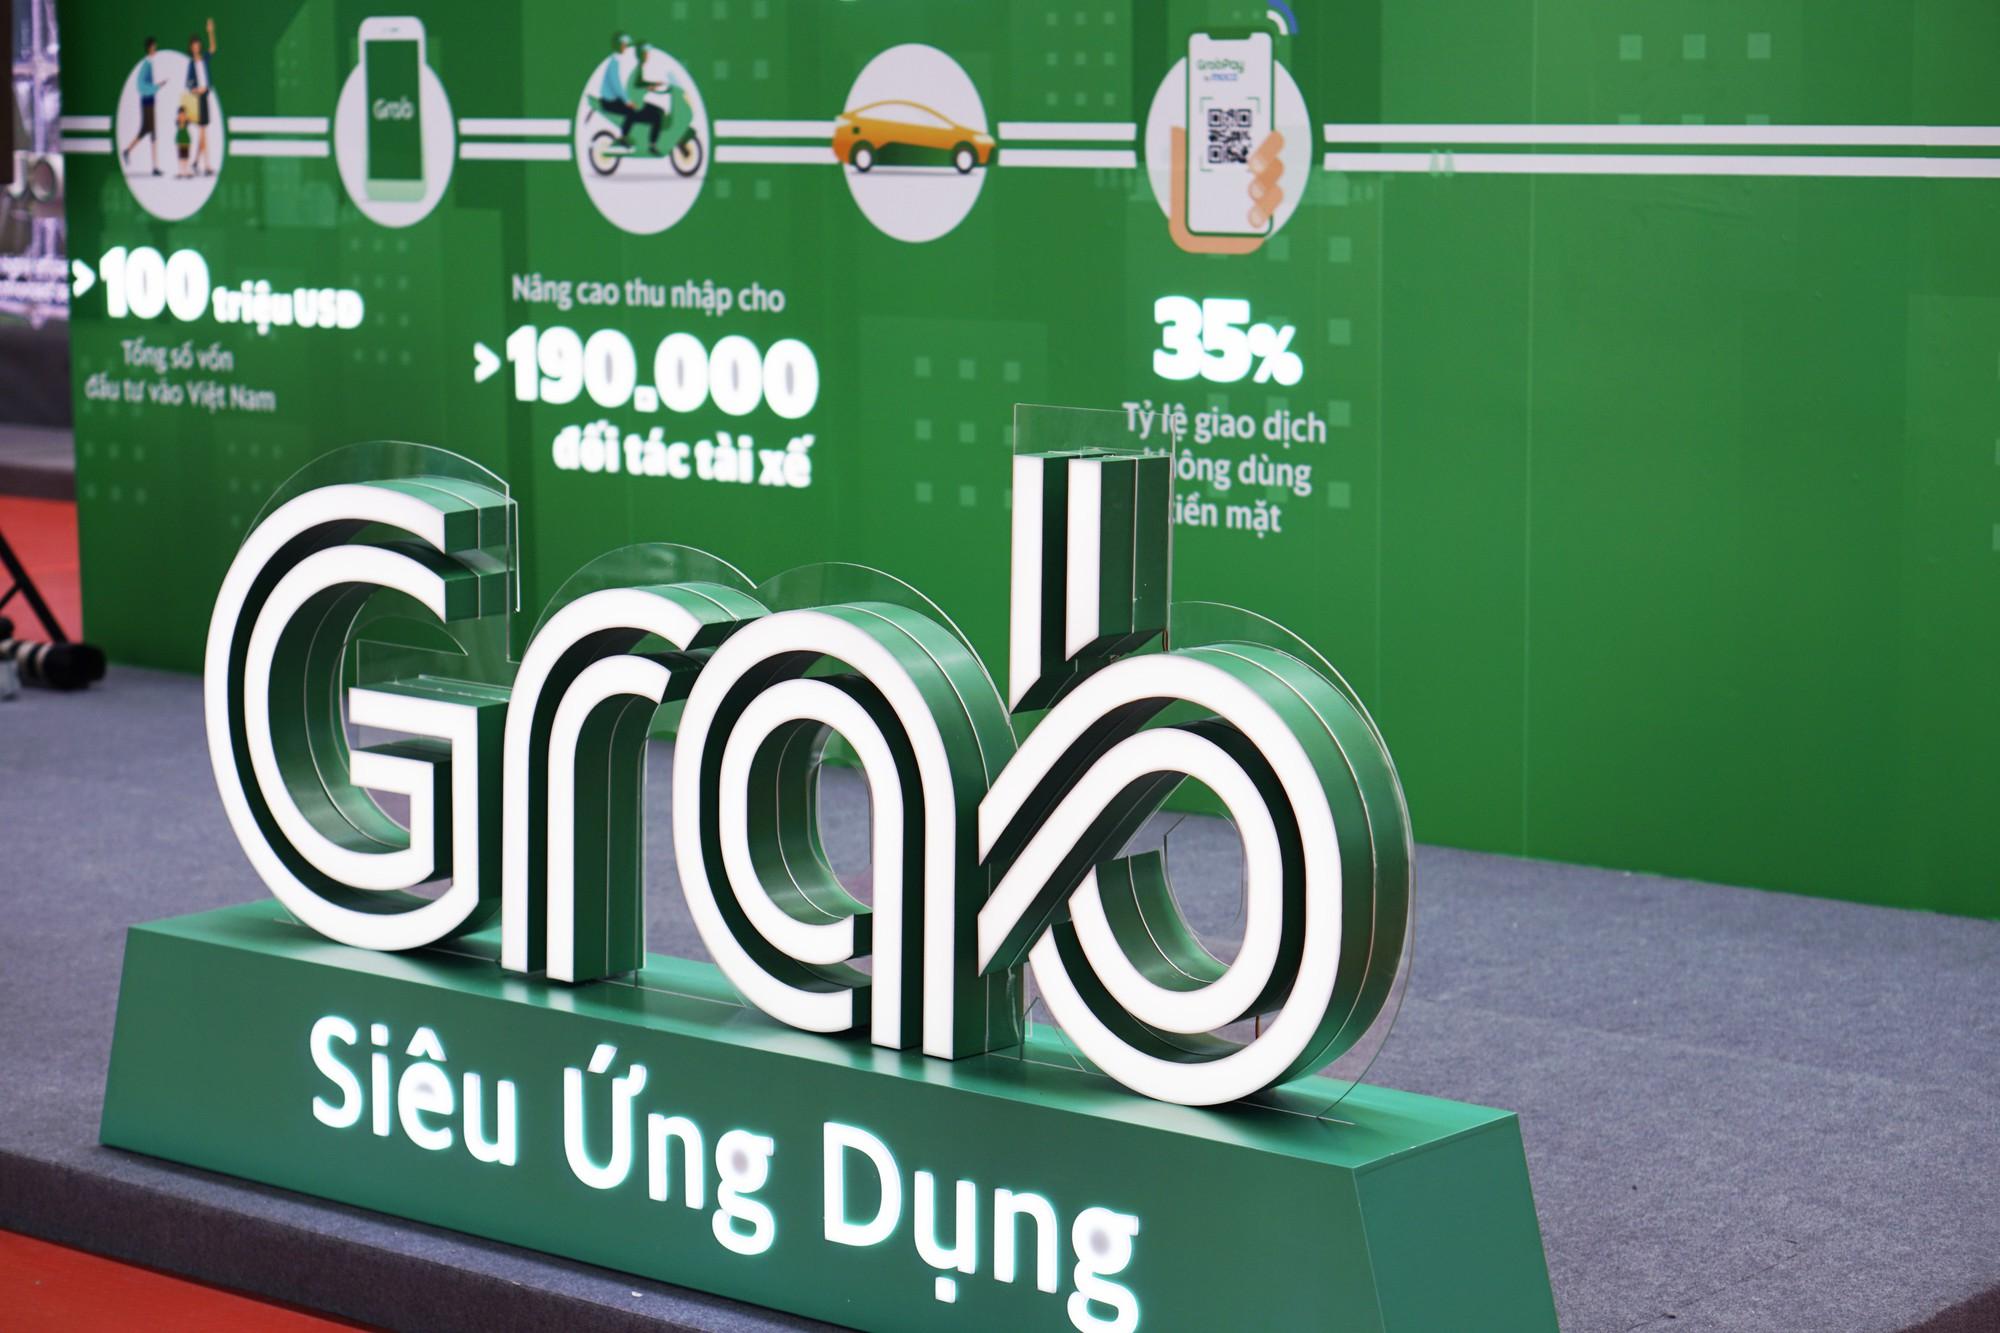 [Chùm ảnh] VinFast, Habeco, Vietcombank ... mang con cưng đến triển lãm thành tựu kinh tế tư nhân - Ảnh 7.